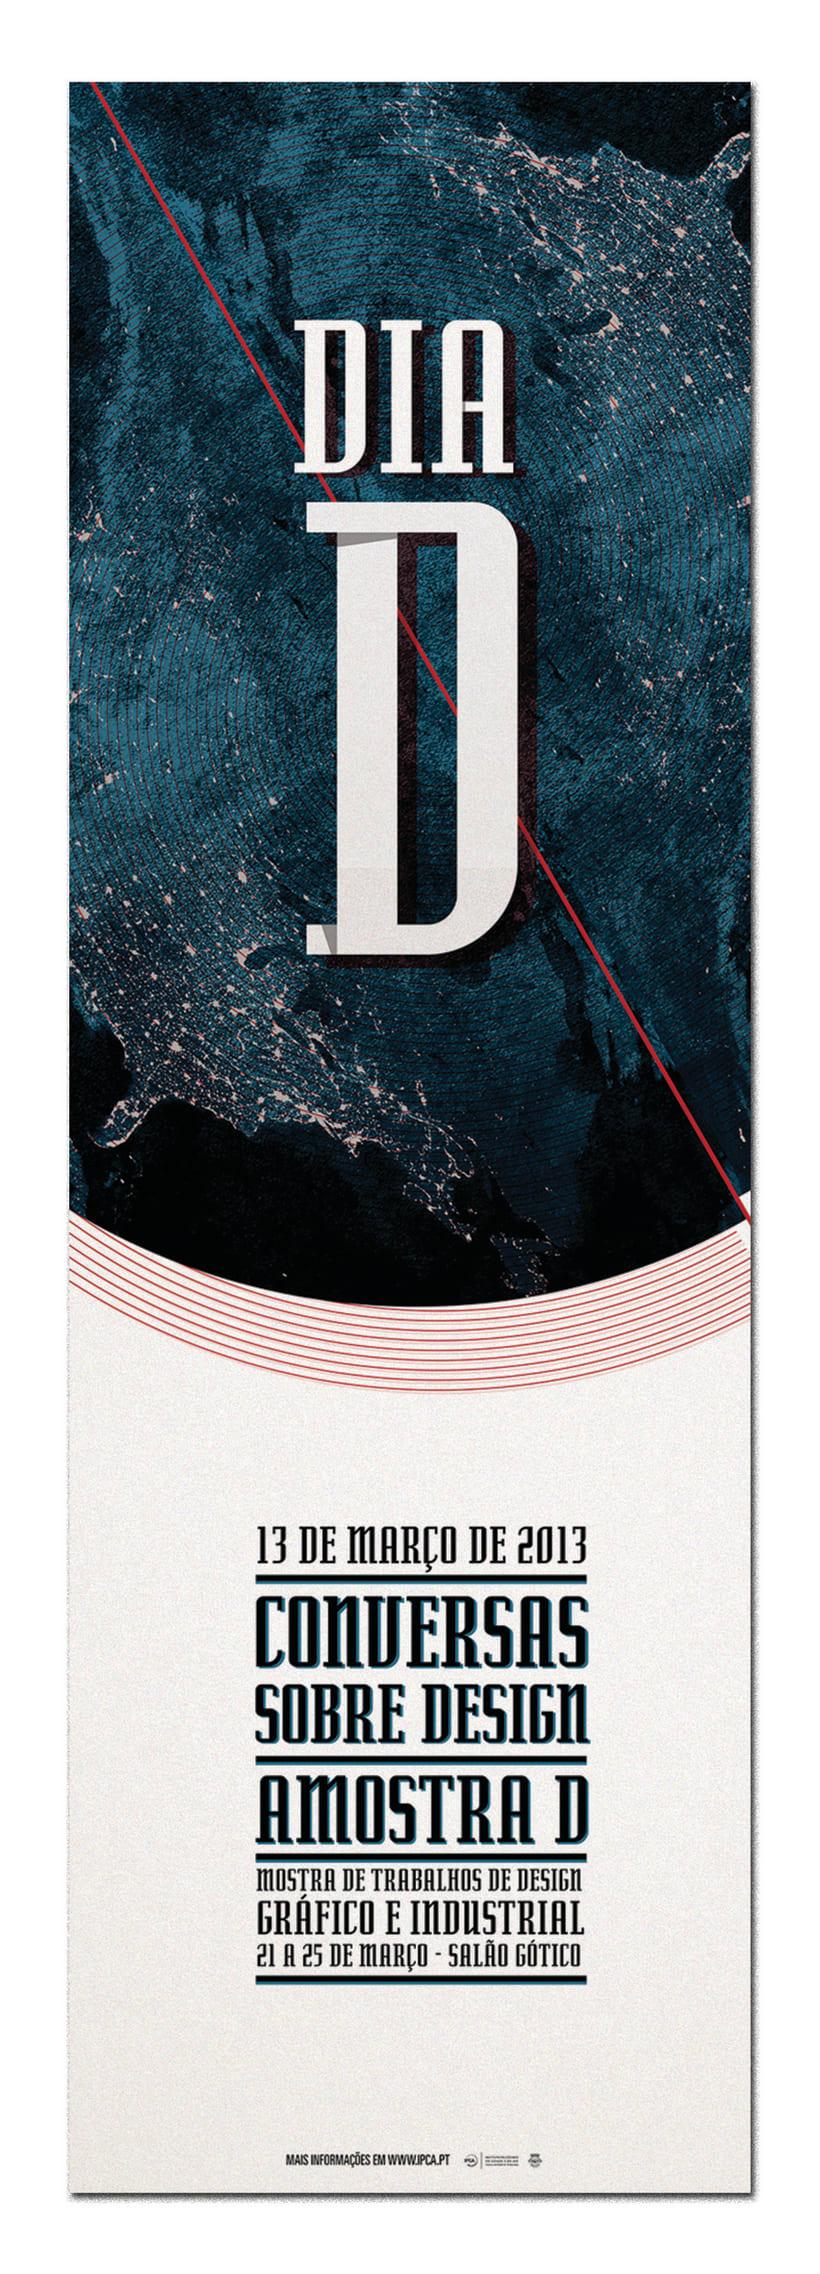 Dia D - conversaciones sobre el diseño 7